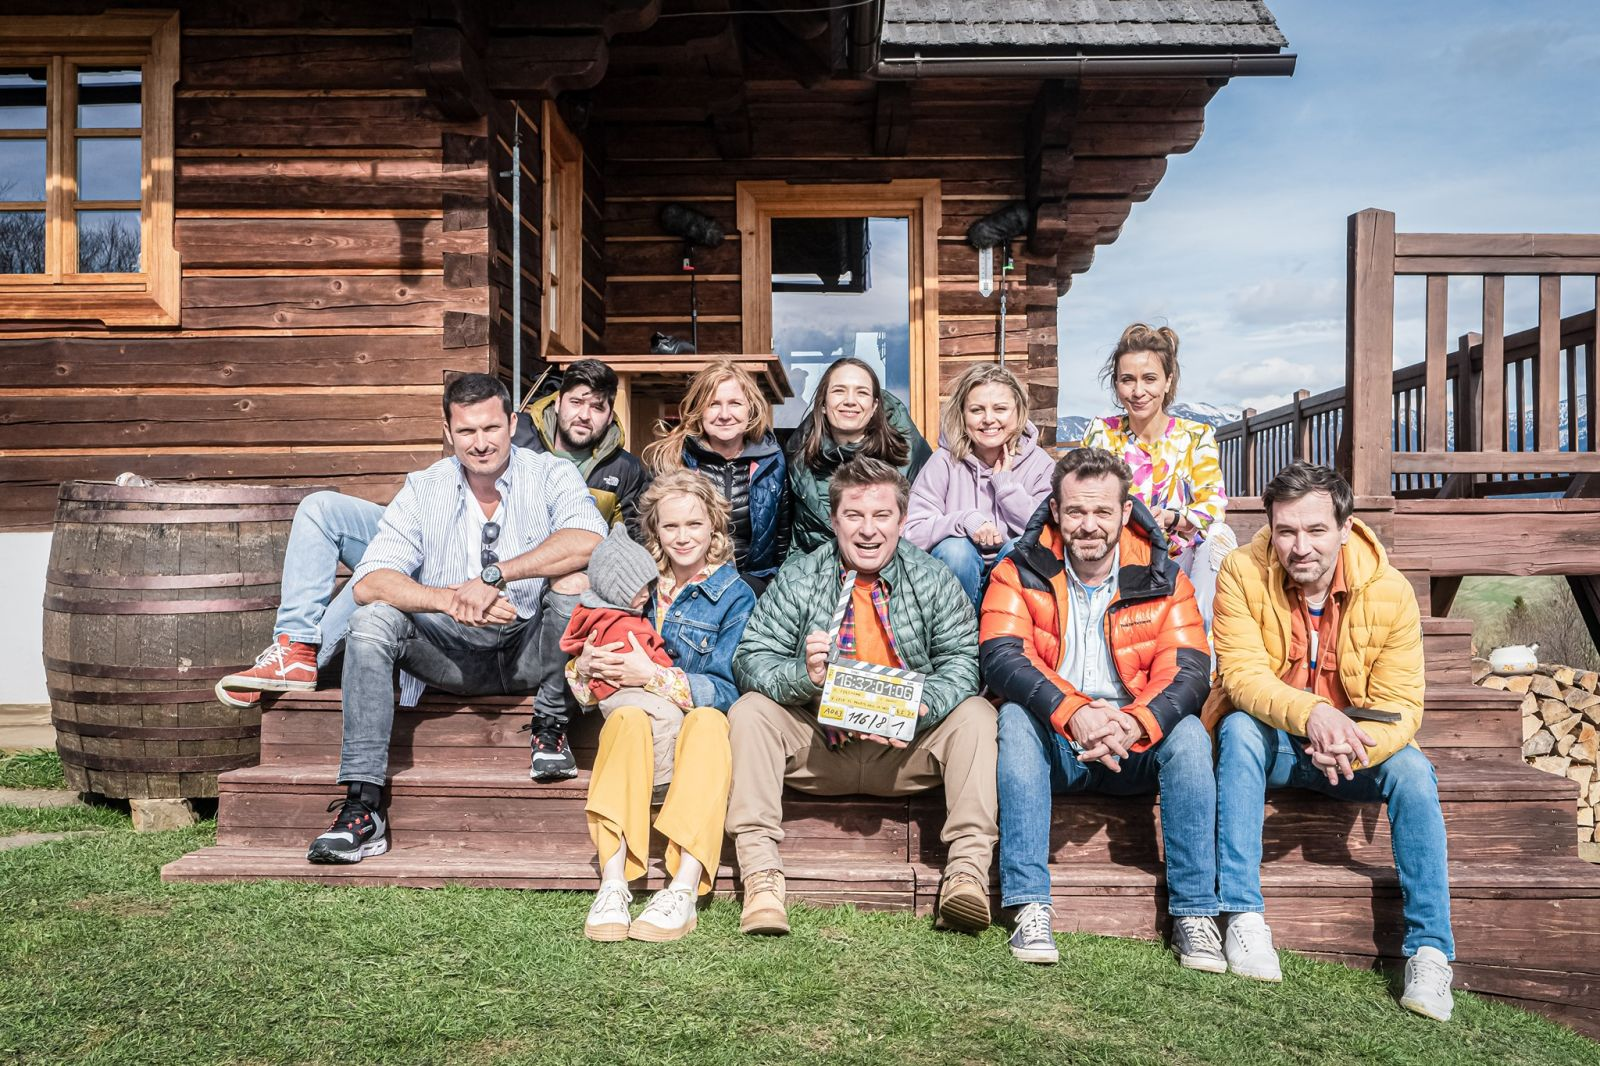 J. Koleník dotočil novú evitovku V lete ti poviem, ako sa mám: Rumunské herečky sú osviežením